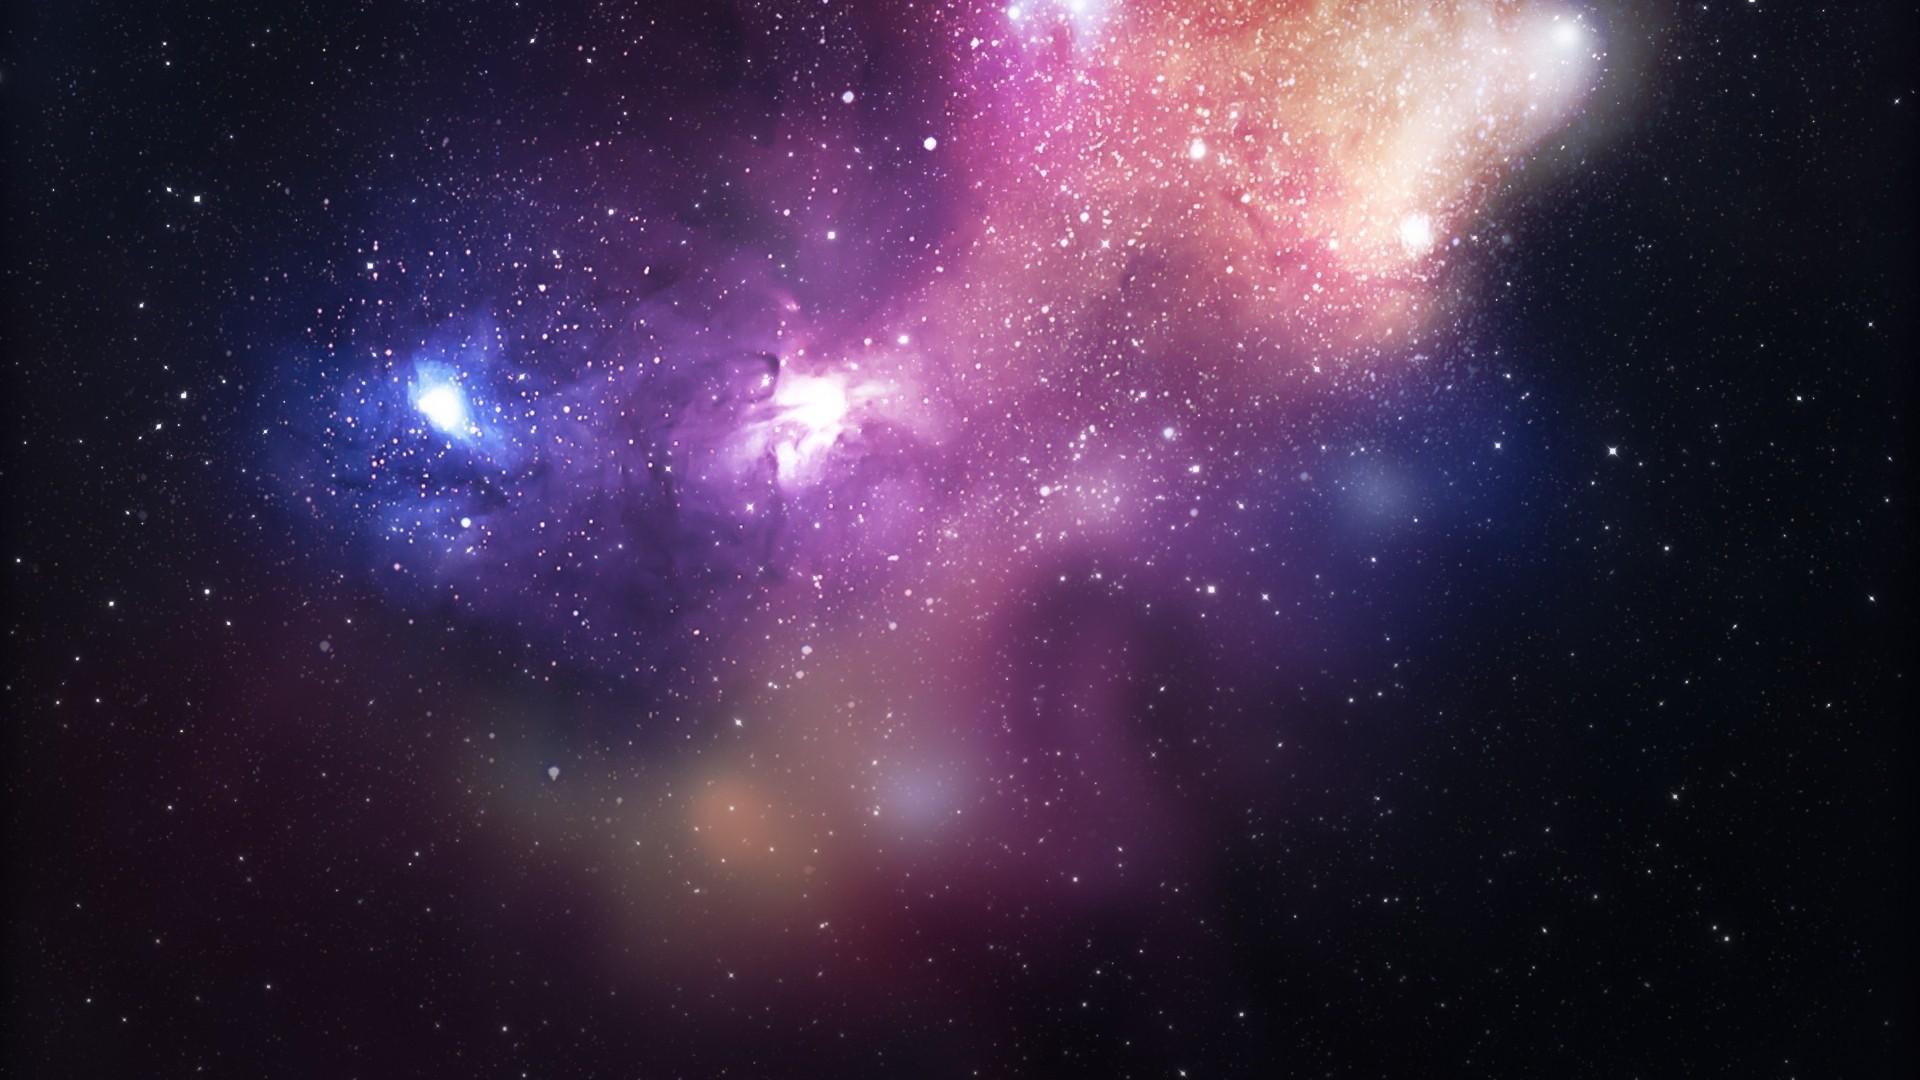 Sfondi universo hd 84 immagini for Sfondi desktop universo